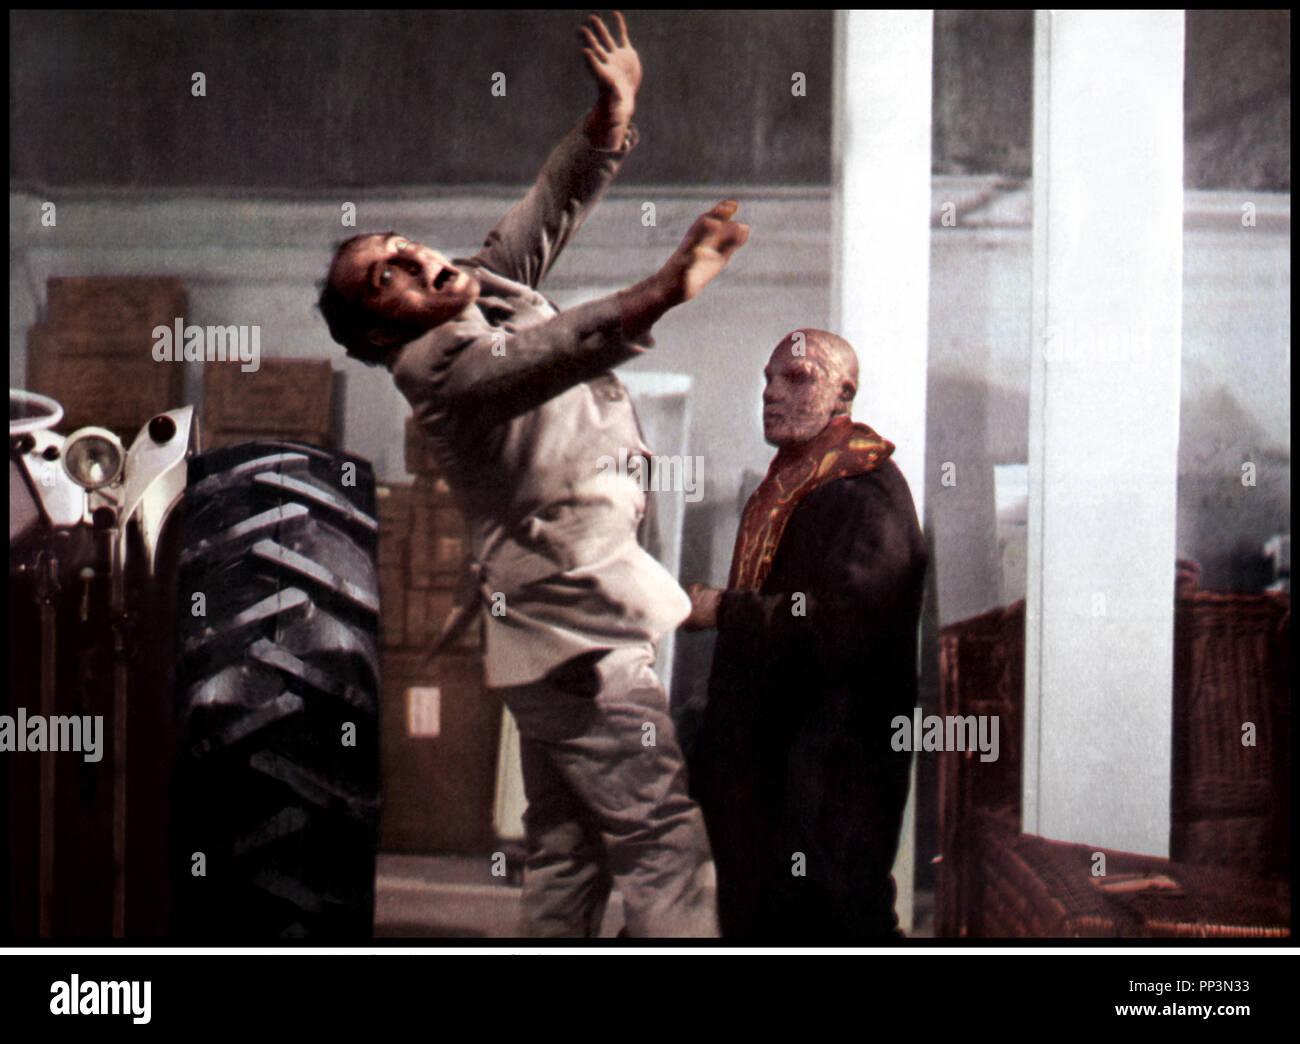 Prod DB © Mingyar C.P. / DR LA VENGEANCE DU ZOMBIE (VUDU) [ de Manuel Cano 1973 ESP avec Aldo Sambrel pouet, projeter, monstre, voler, tomber Photo Stock